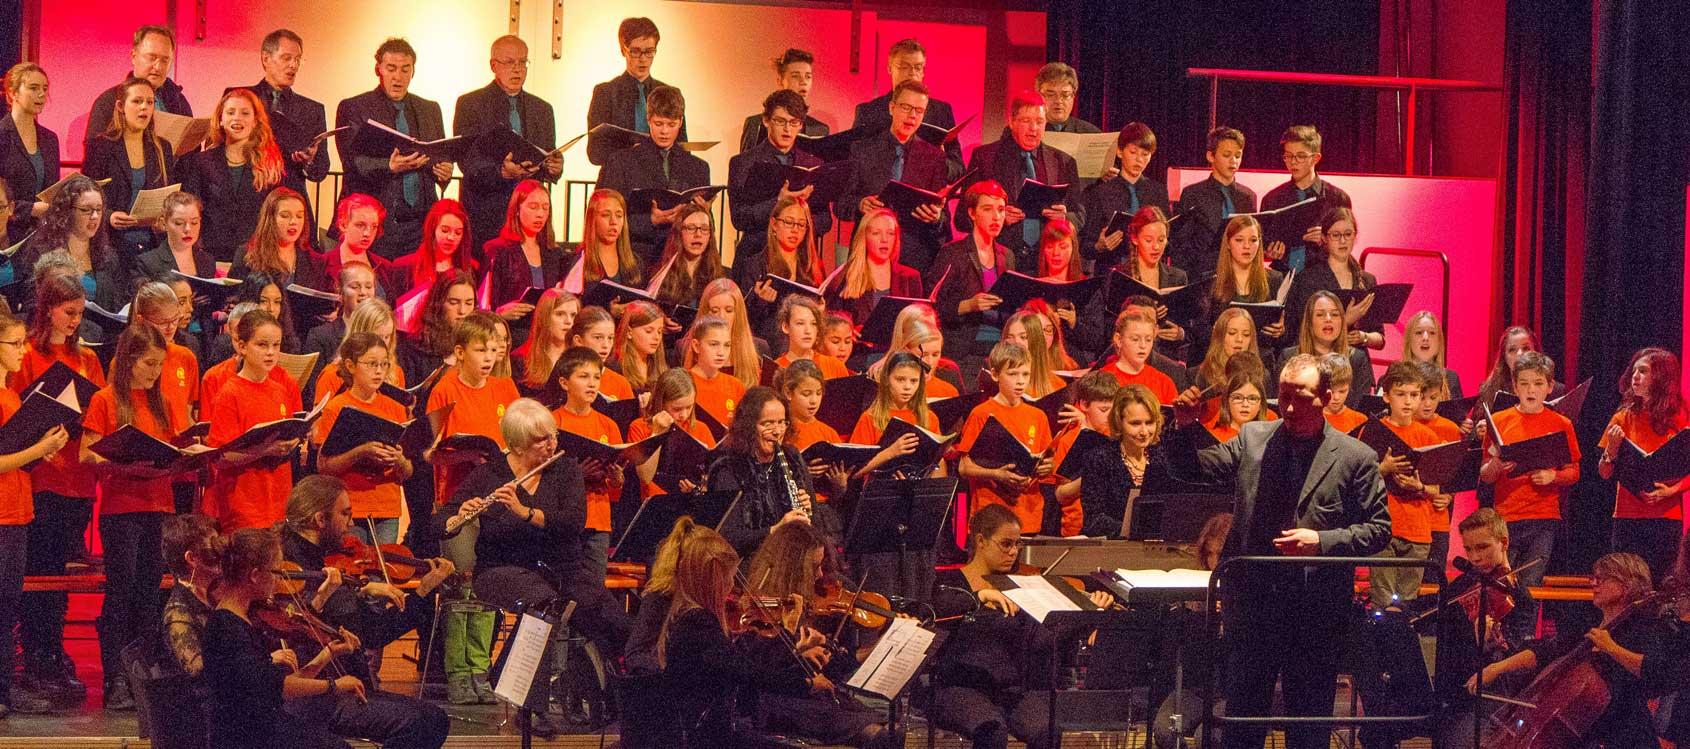 musikschule-vhs-choere